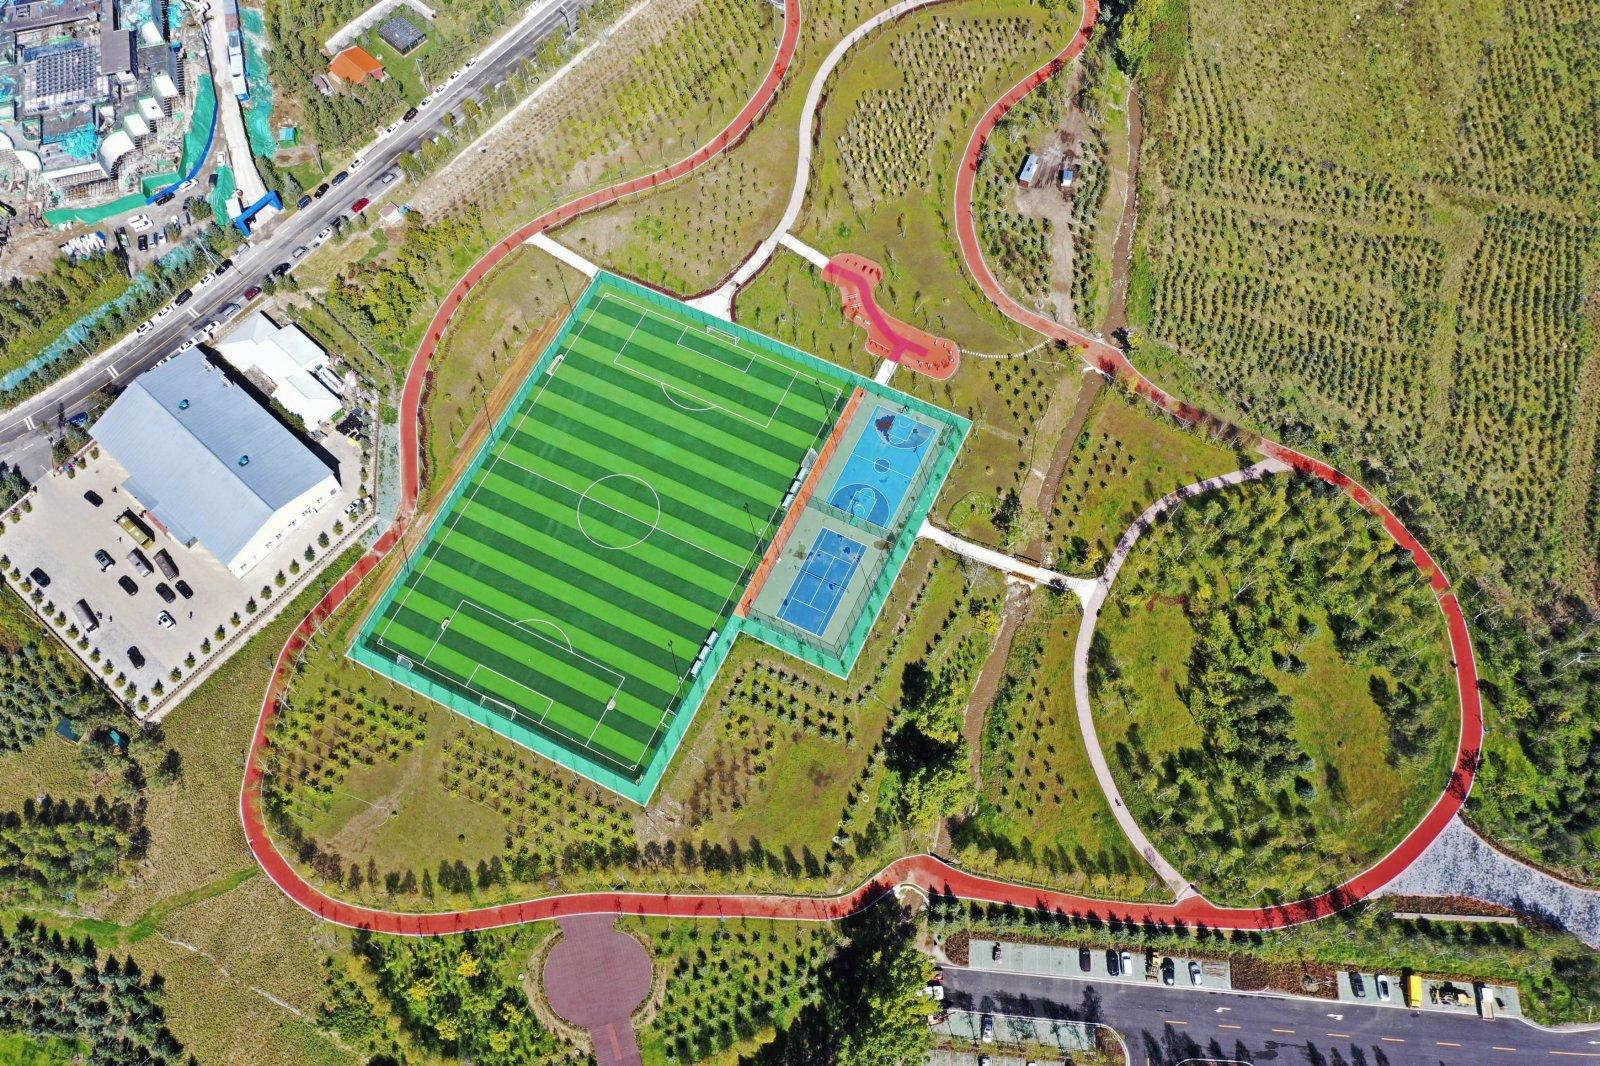 這是9月8日拍攝的張家口市崇禮區太子城體育公園(無人機照片)。(新華社)